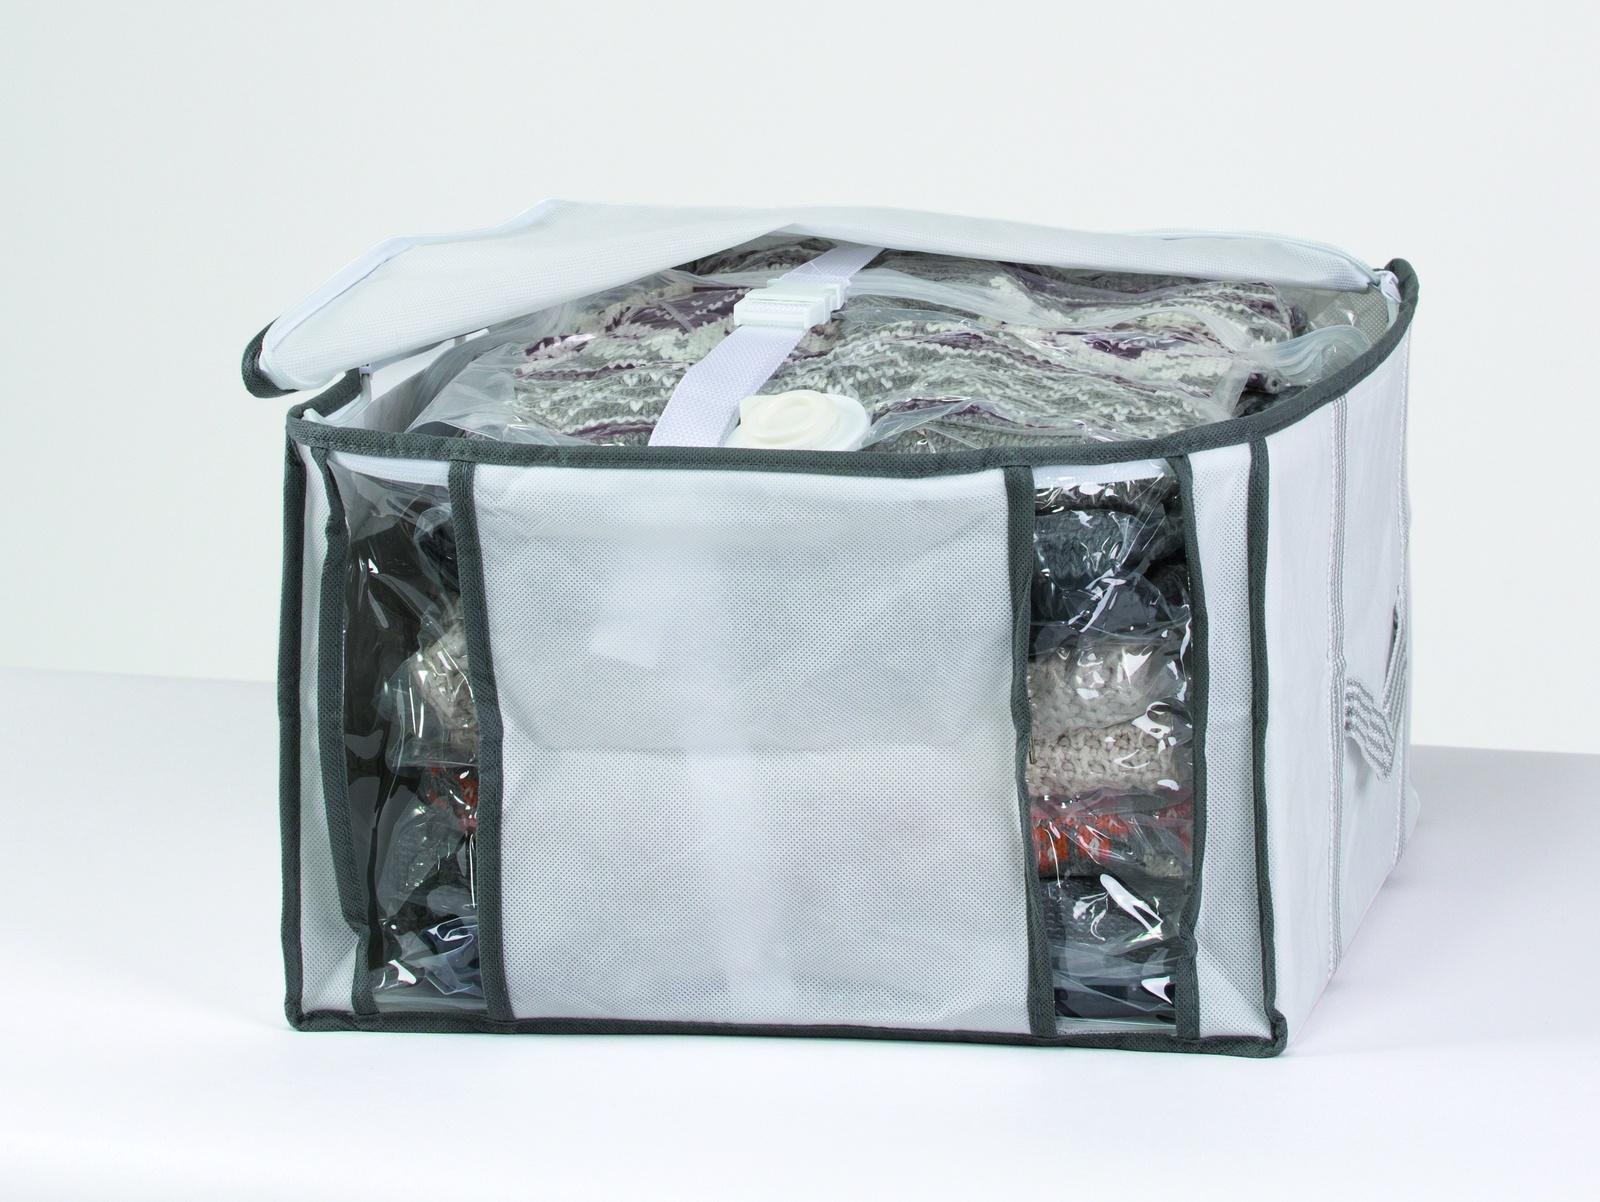 Набор для хранения вещей Bella Casa «Multi», цвет: белый, 40x42x25 см. AZ25511 mikado uwgt6006 29145 42 x 15 x 25 cm